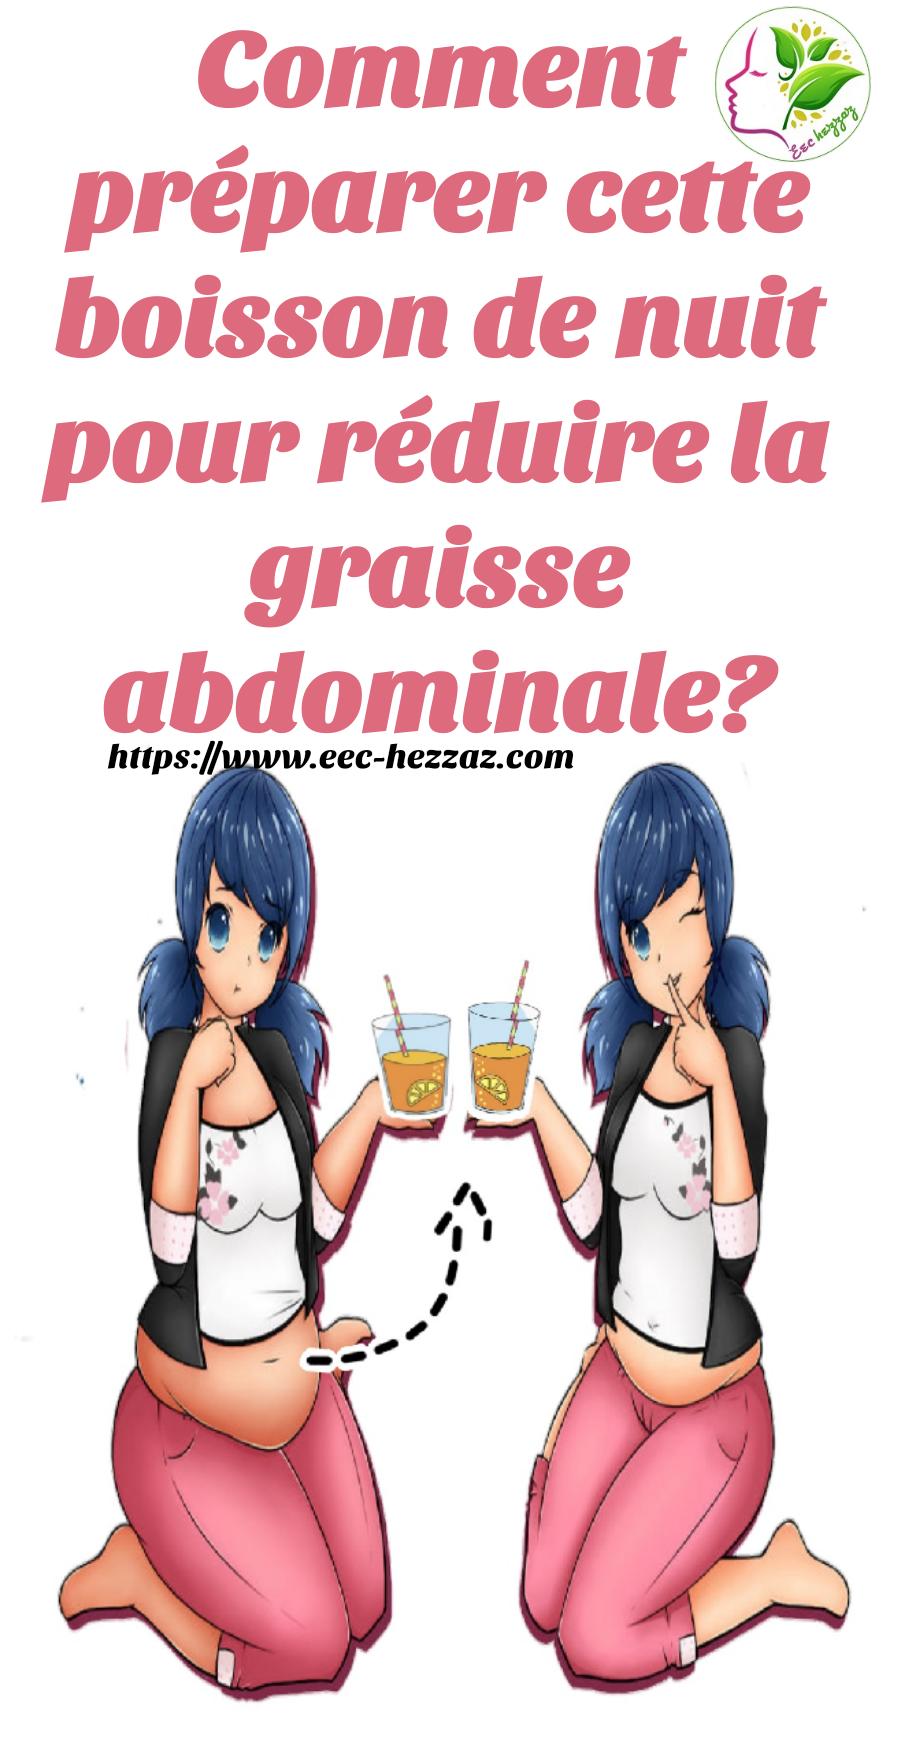 Comment préparer cette boisson de nuit pour réduire la graisse abdominale?